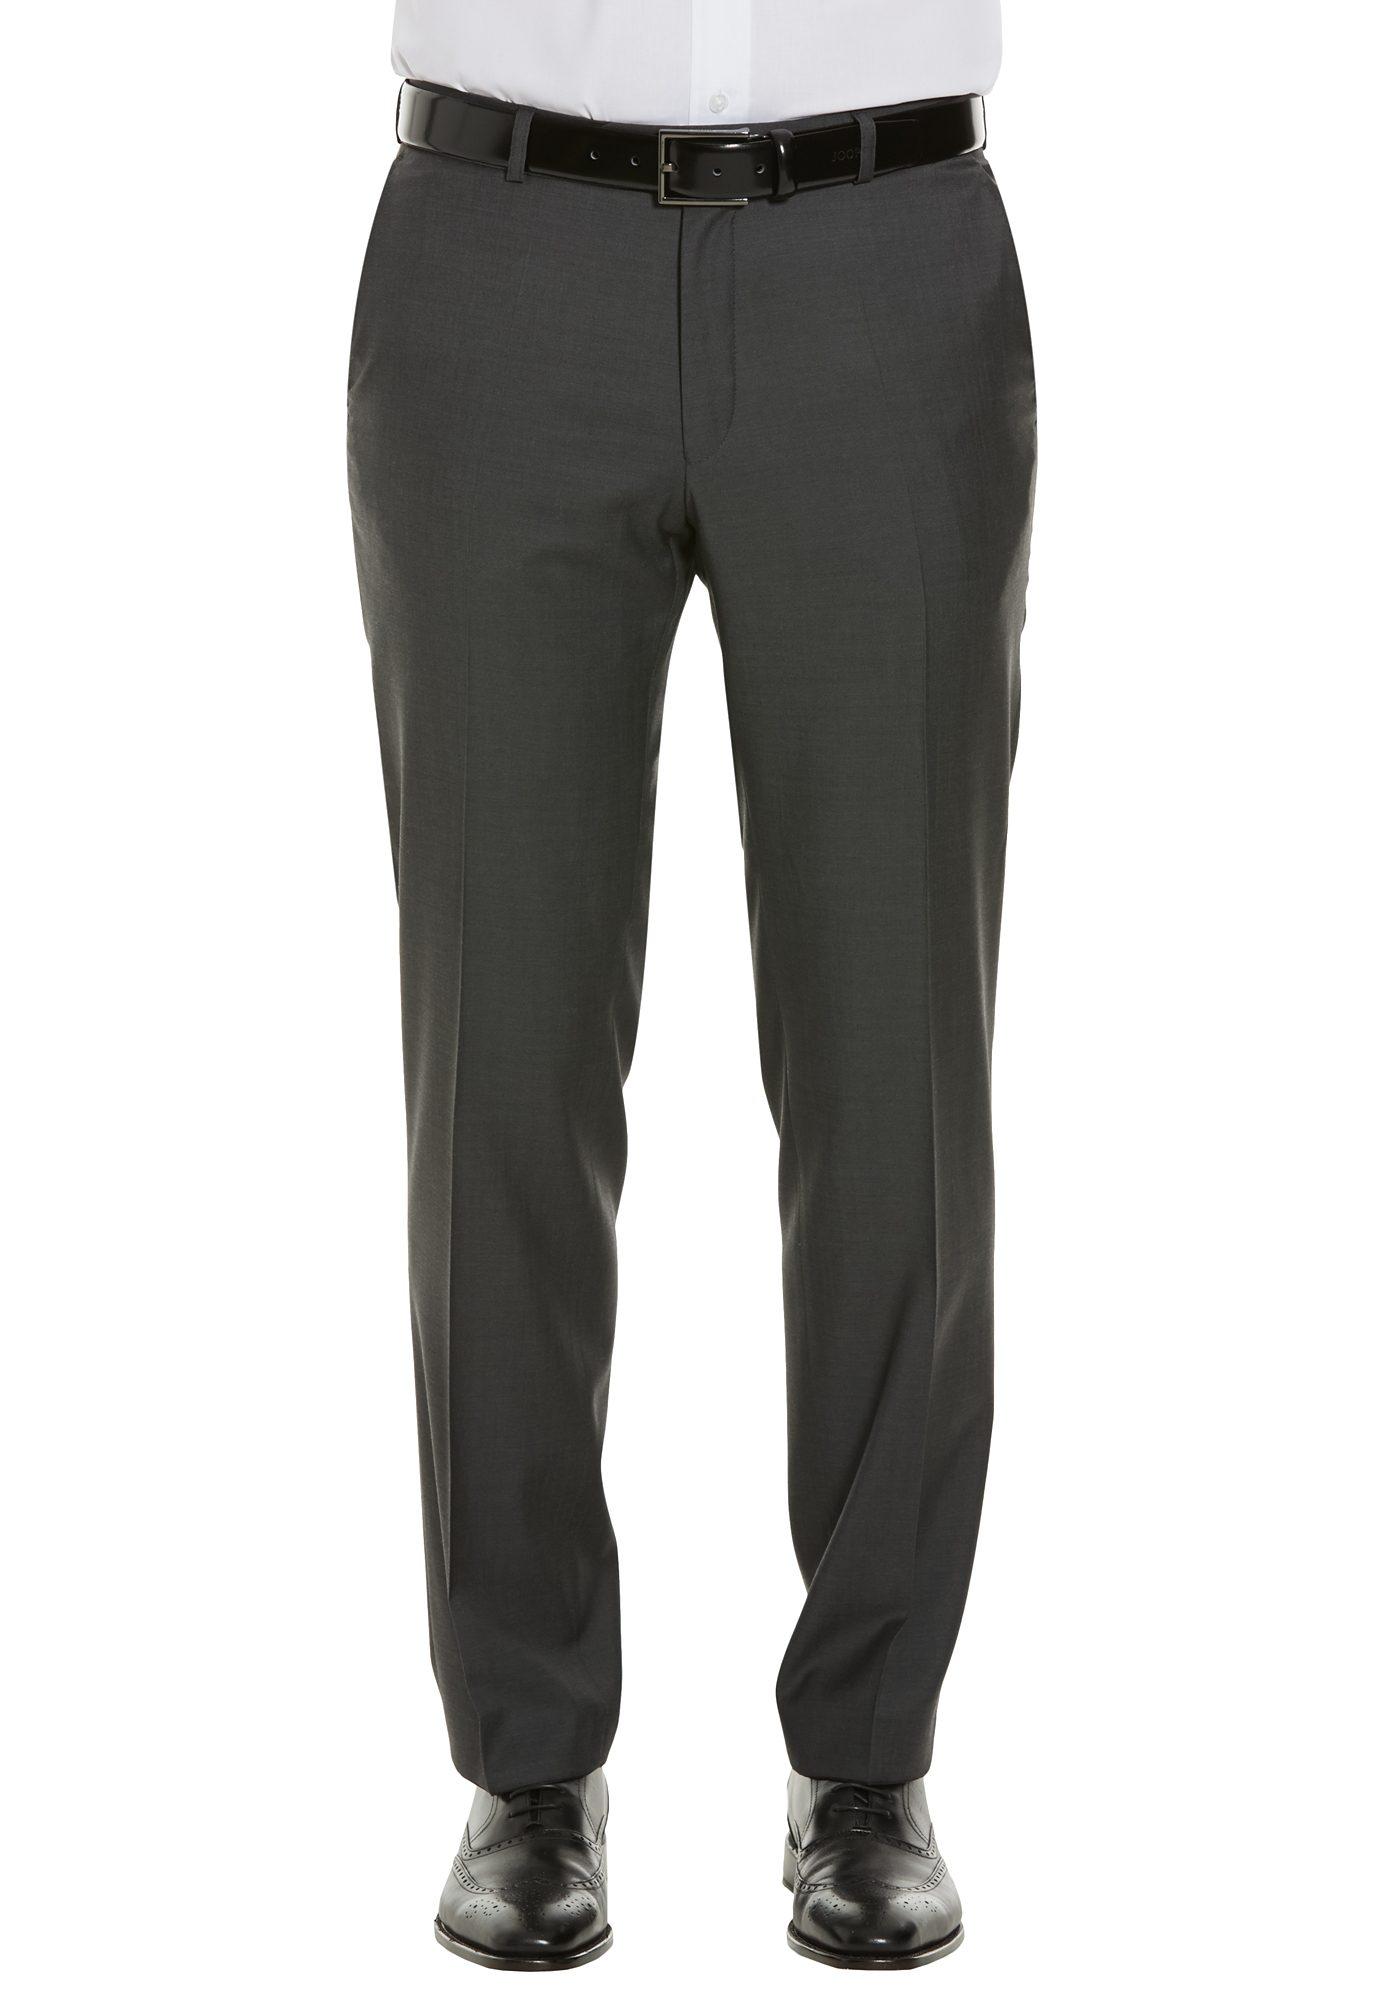 CARL GROSS Anzughose CG Sascha_B | Bekleidung > Hosen > Anzughosen | Grau | Polyester | Carl Gross